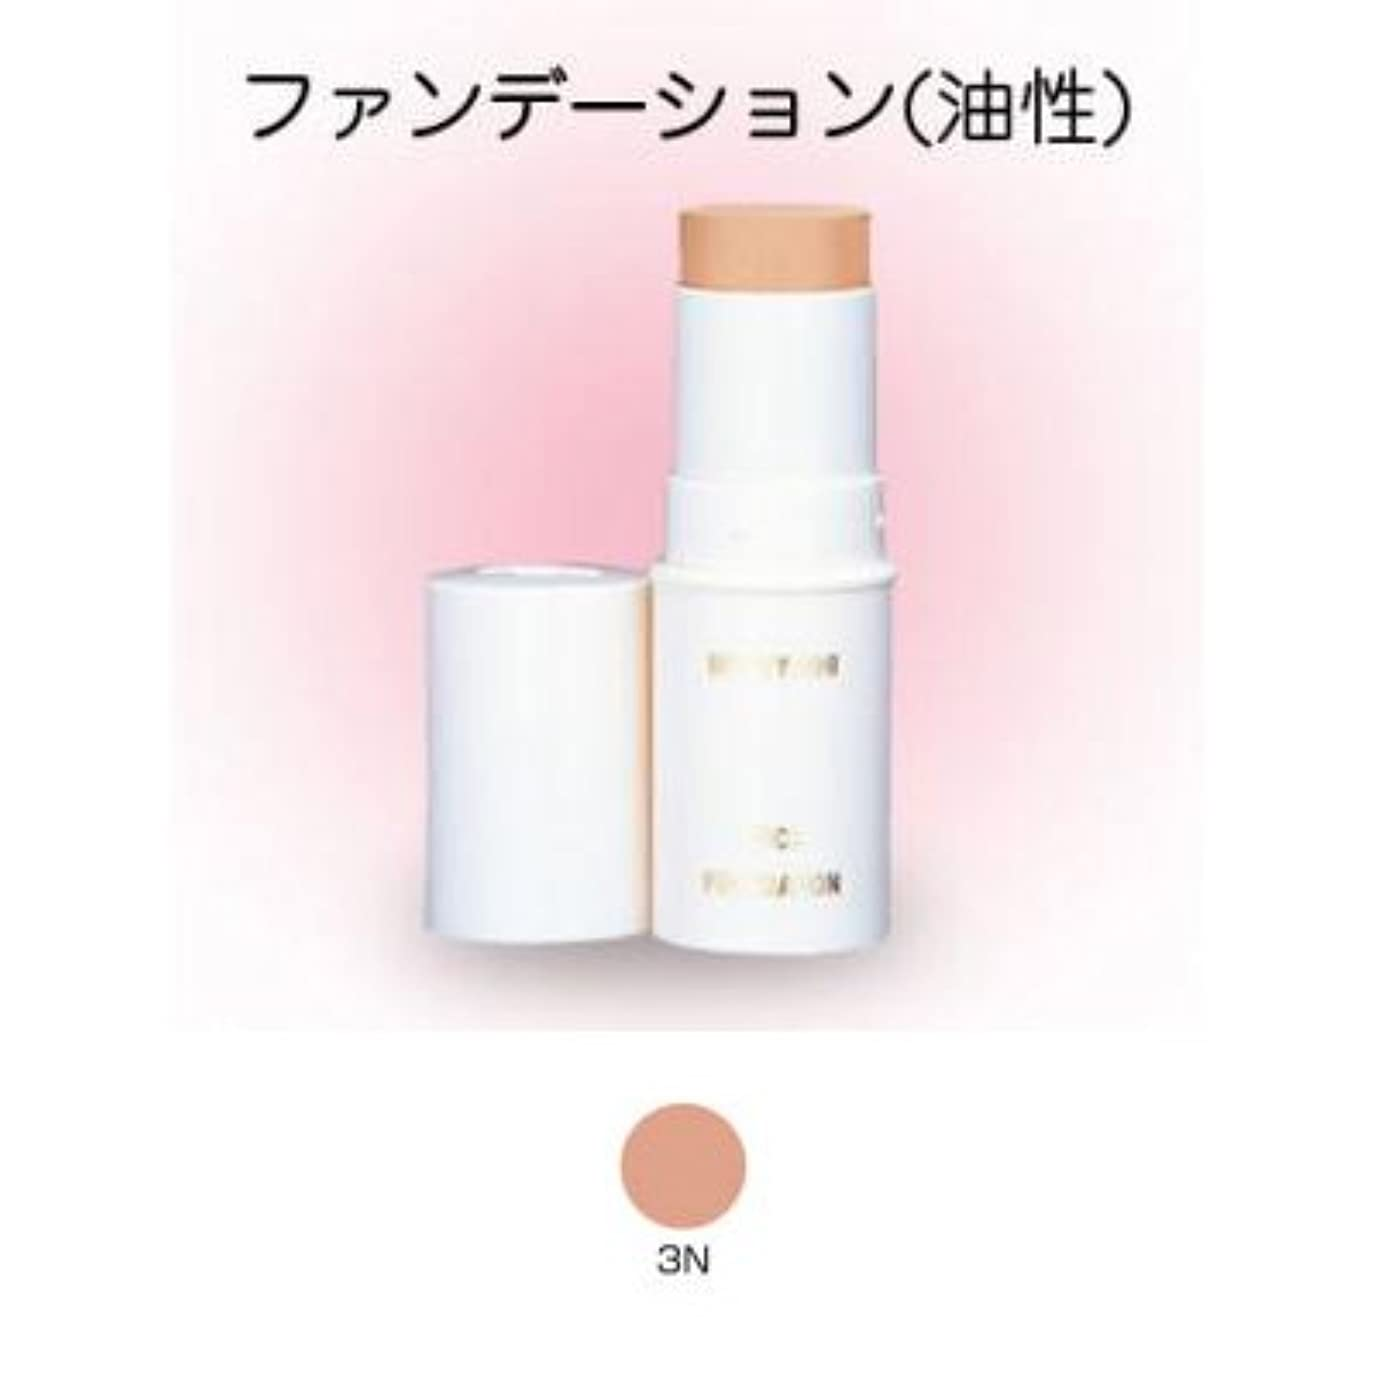 マオリジョットディボンドン見通しスティックファンデーション 16g 3N 【三善】